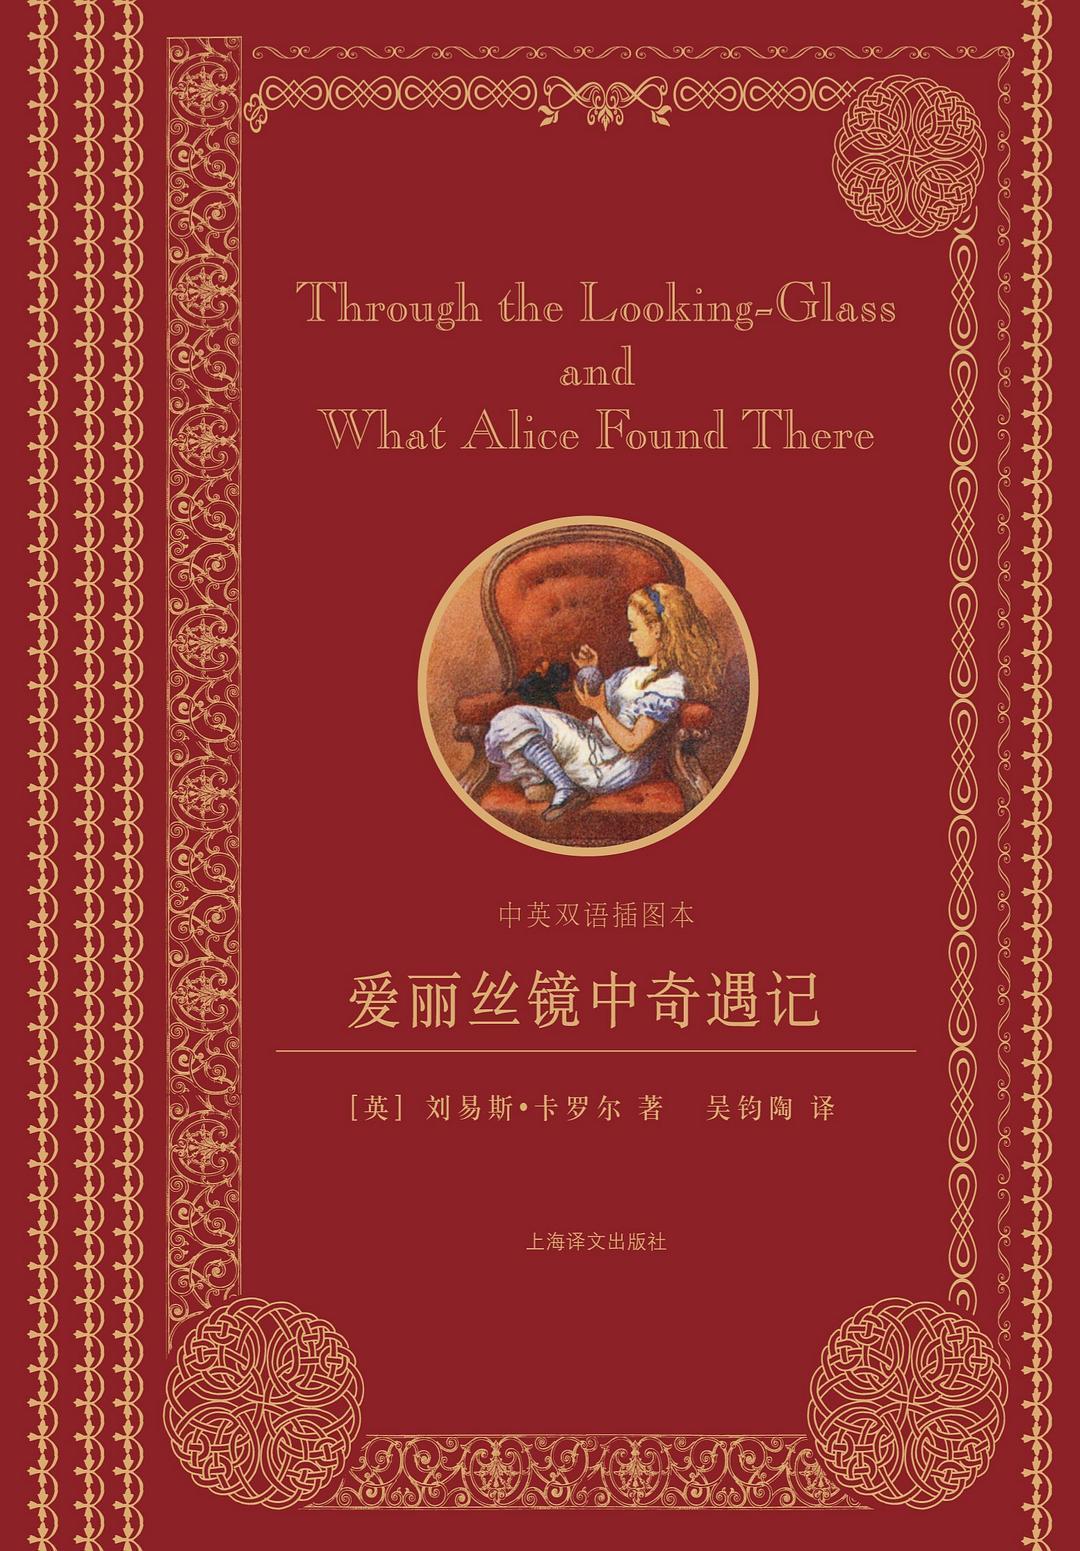 《愛麗絲鏡中奇遇記》   劉易斯·卡羅爾    txt+mobi+epub+pdf電子書下載